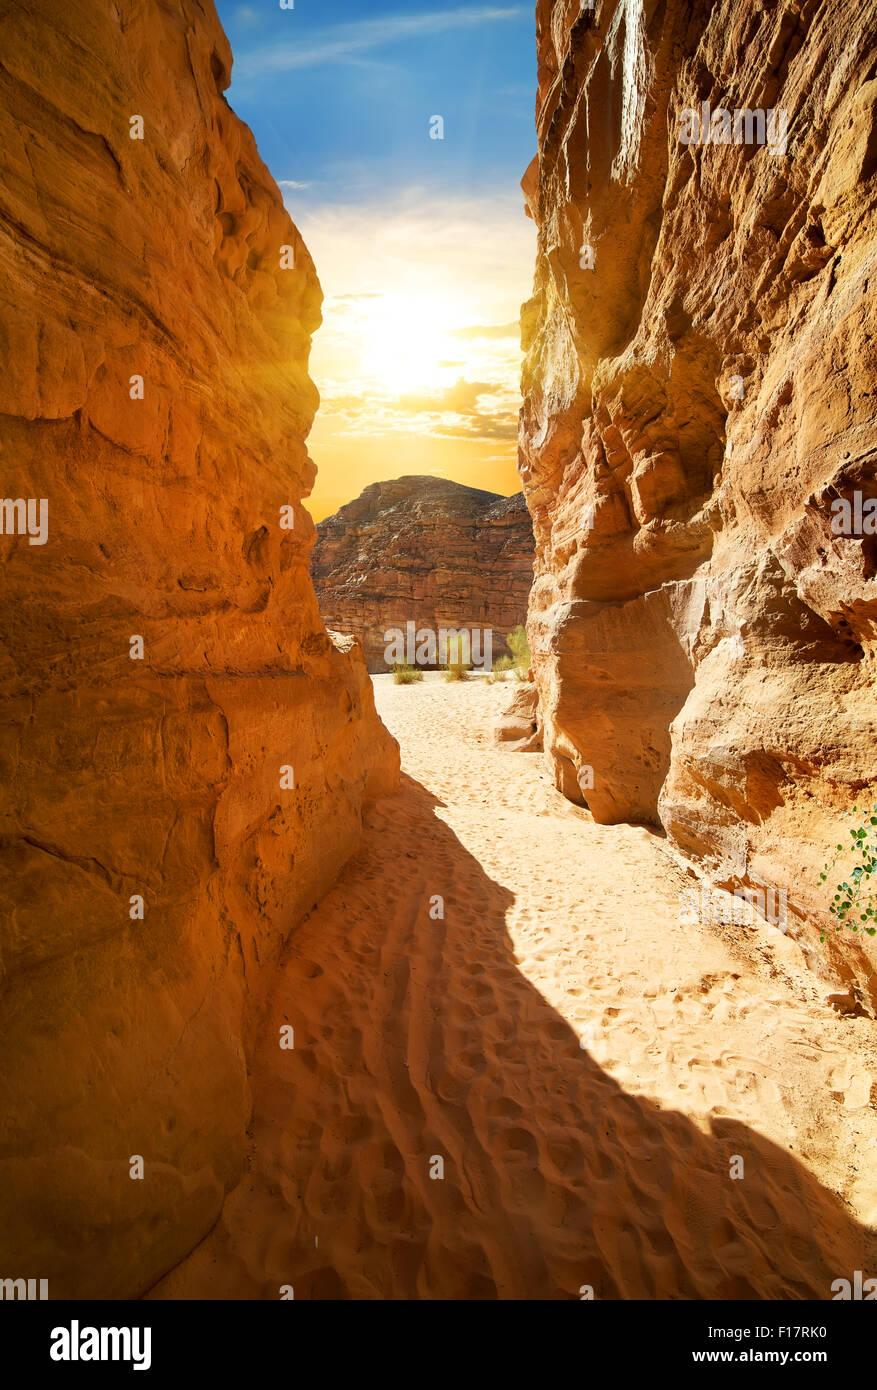 Cañones rocosos en el desierto en el día soleado Imagen De Stock